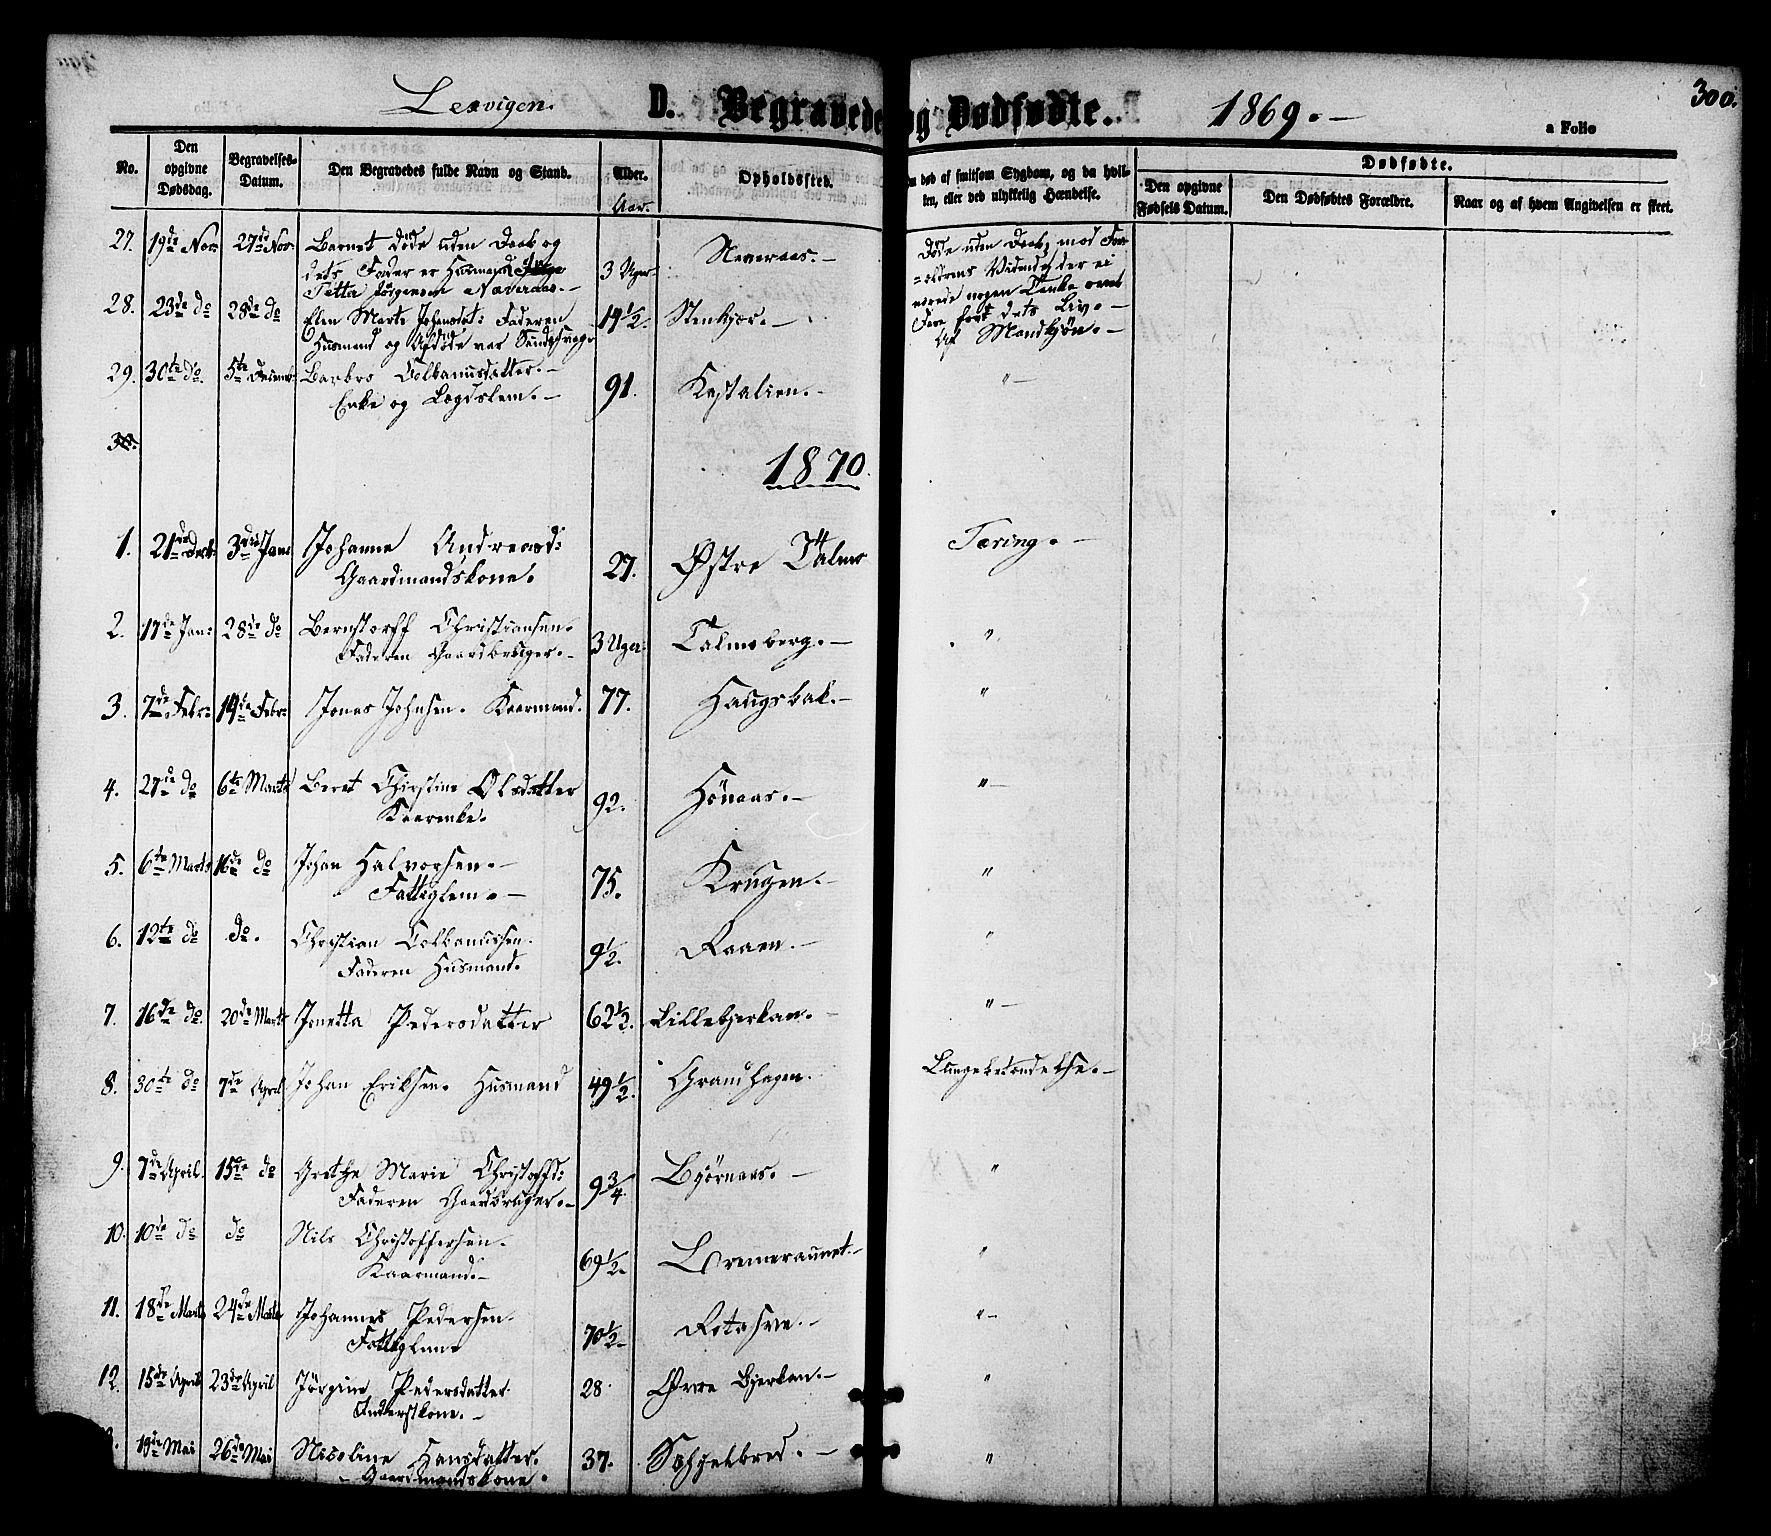 SAT, Ministerialprotokoller, klokkerbøker og fødselsregistre - Nord-Trøndelag, 701/L0009: Ministerialbok nr. 701A09 /1, 1864-1882, s. 300